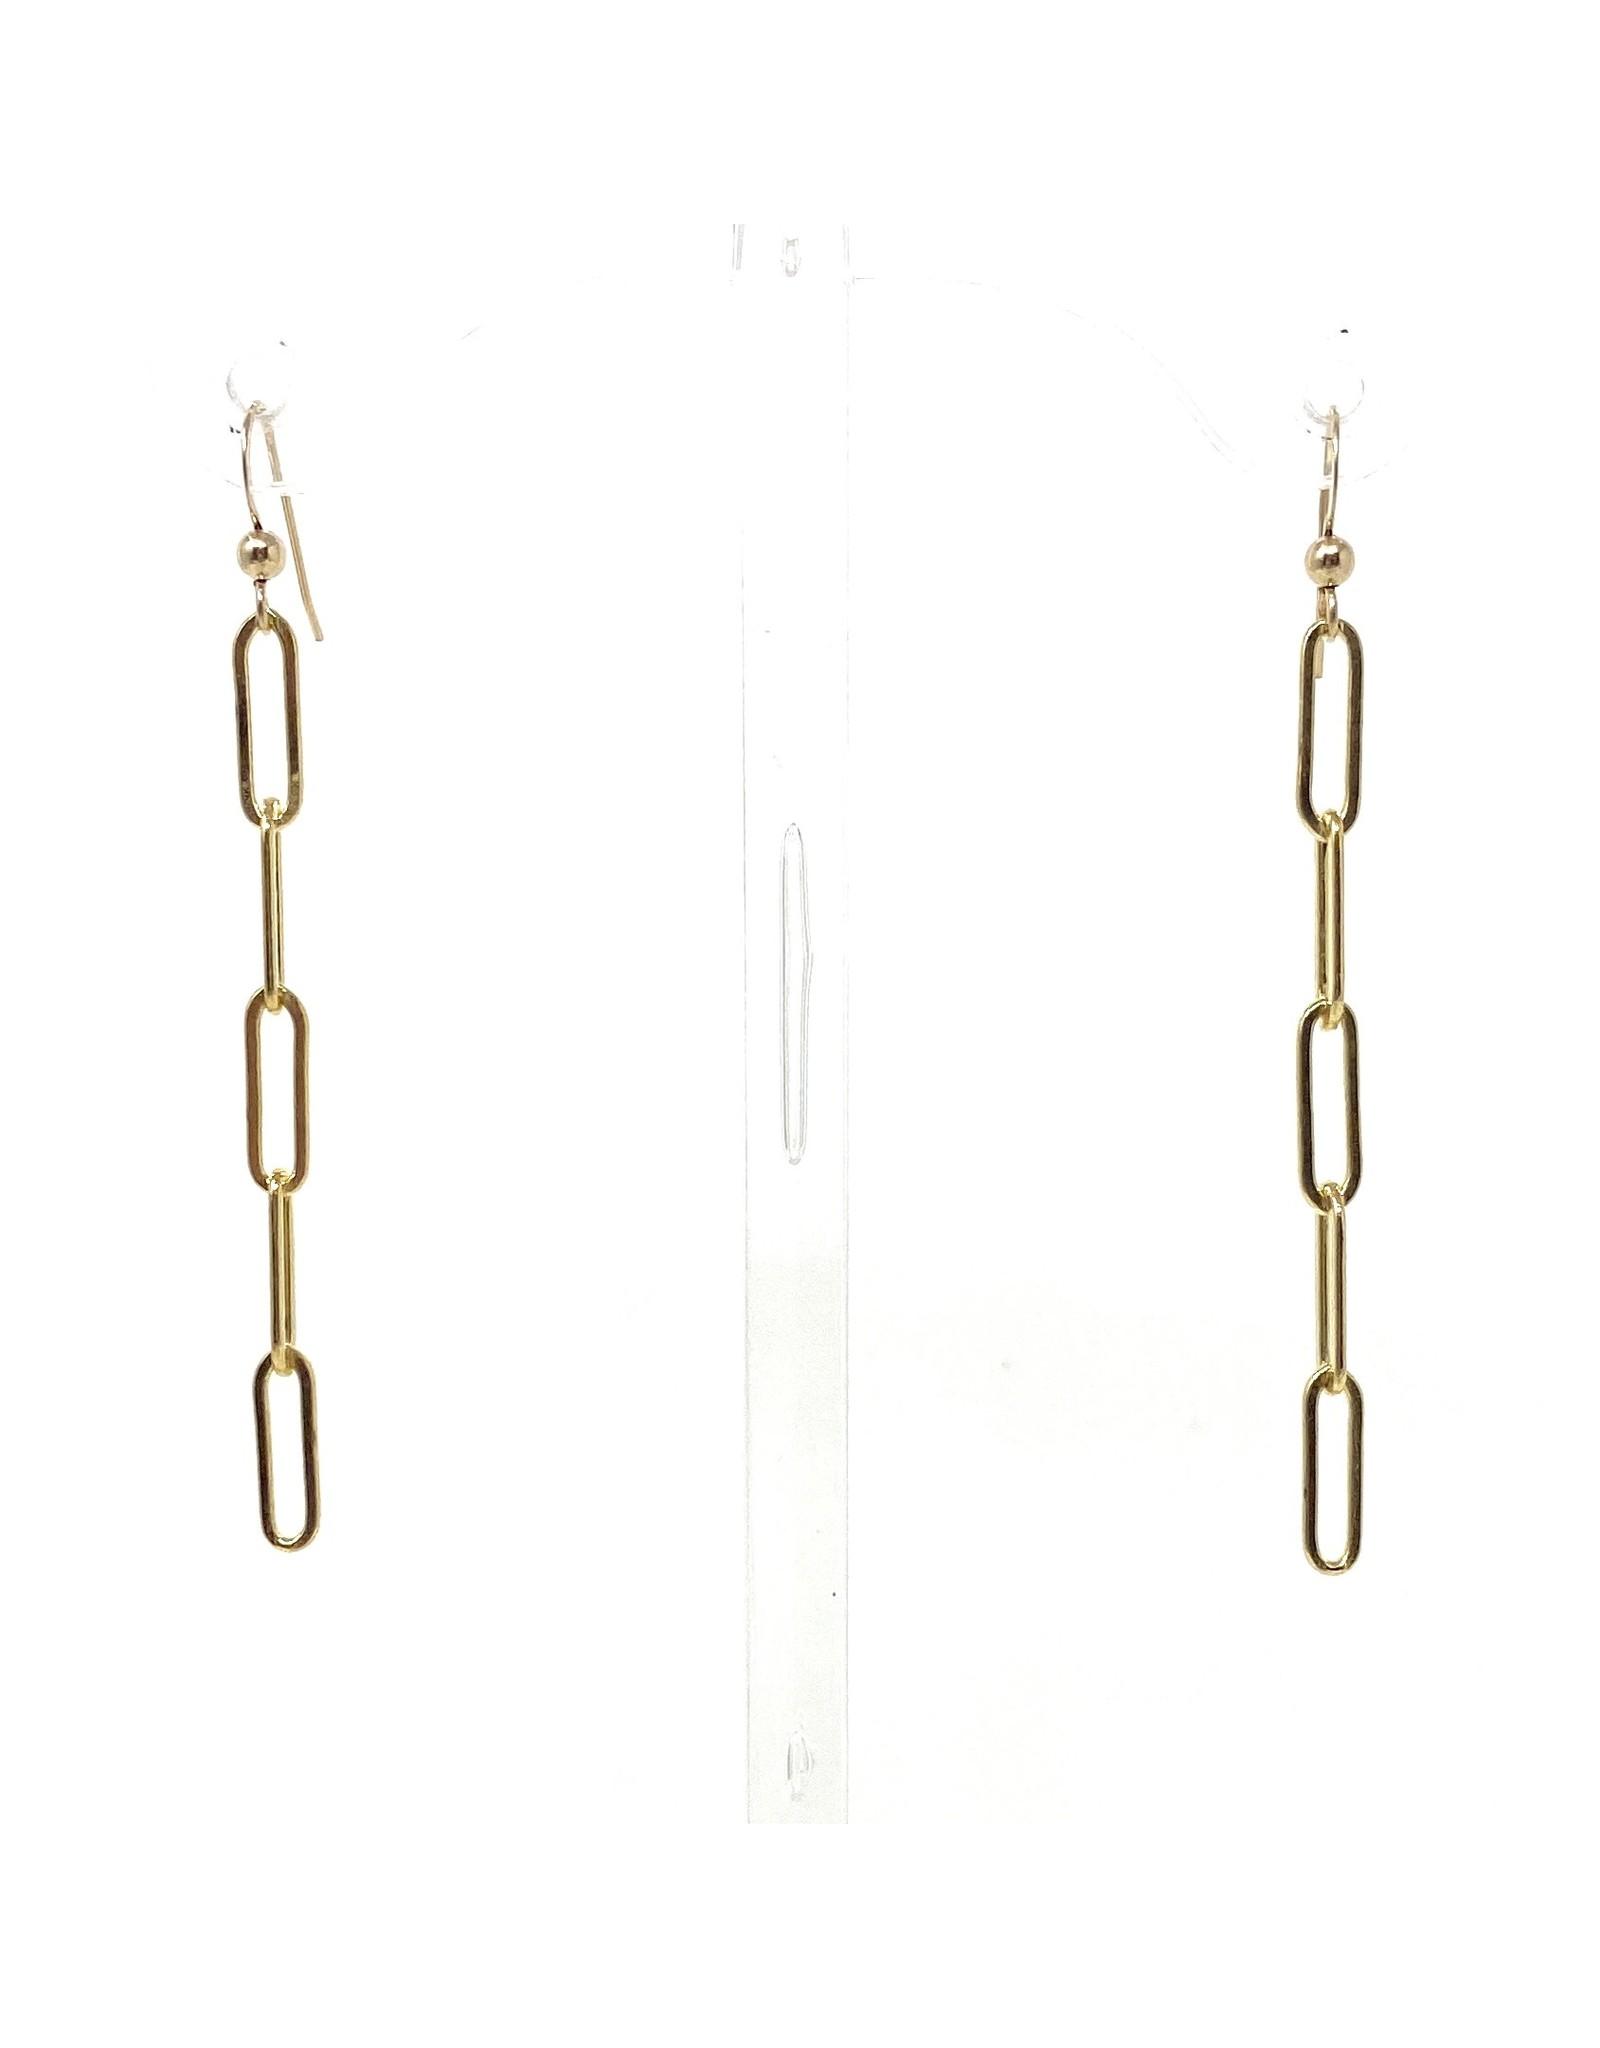 GF Paperclip Chain Hook Earrings